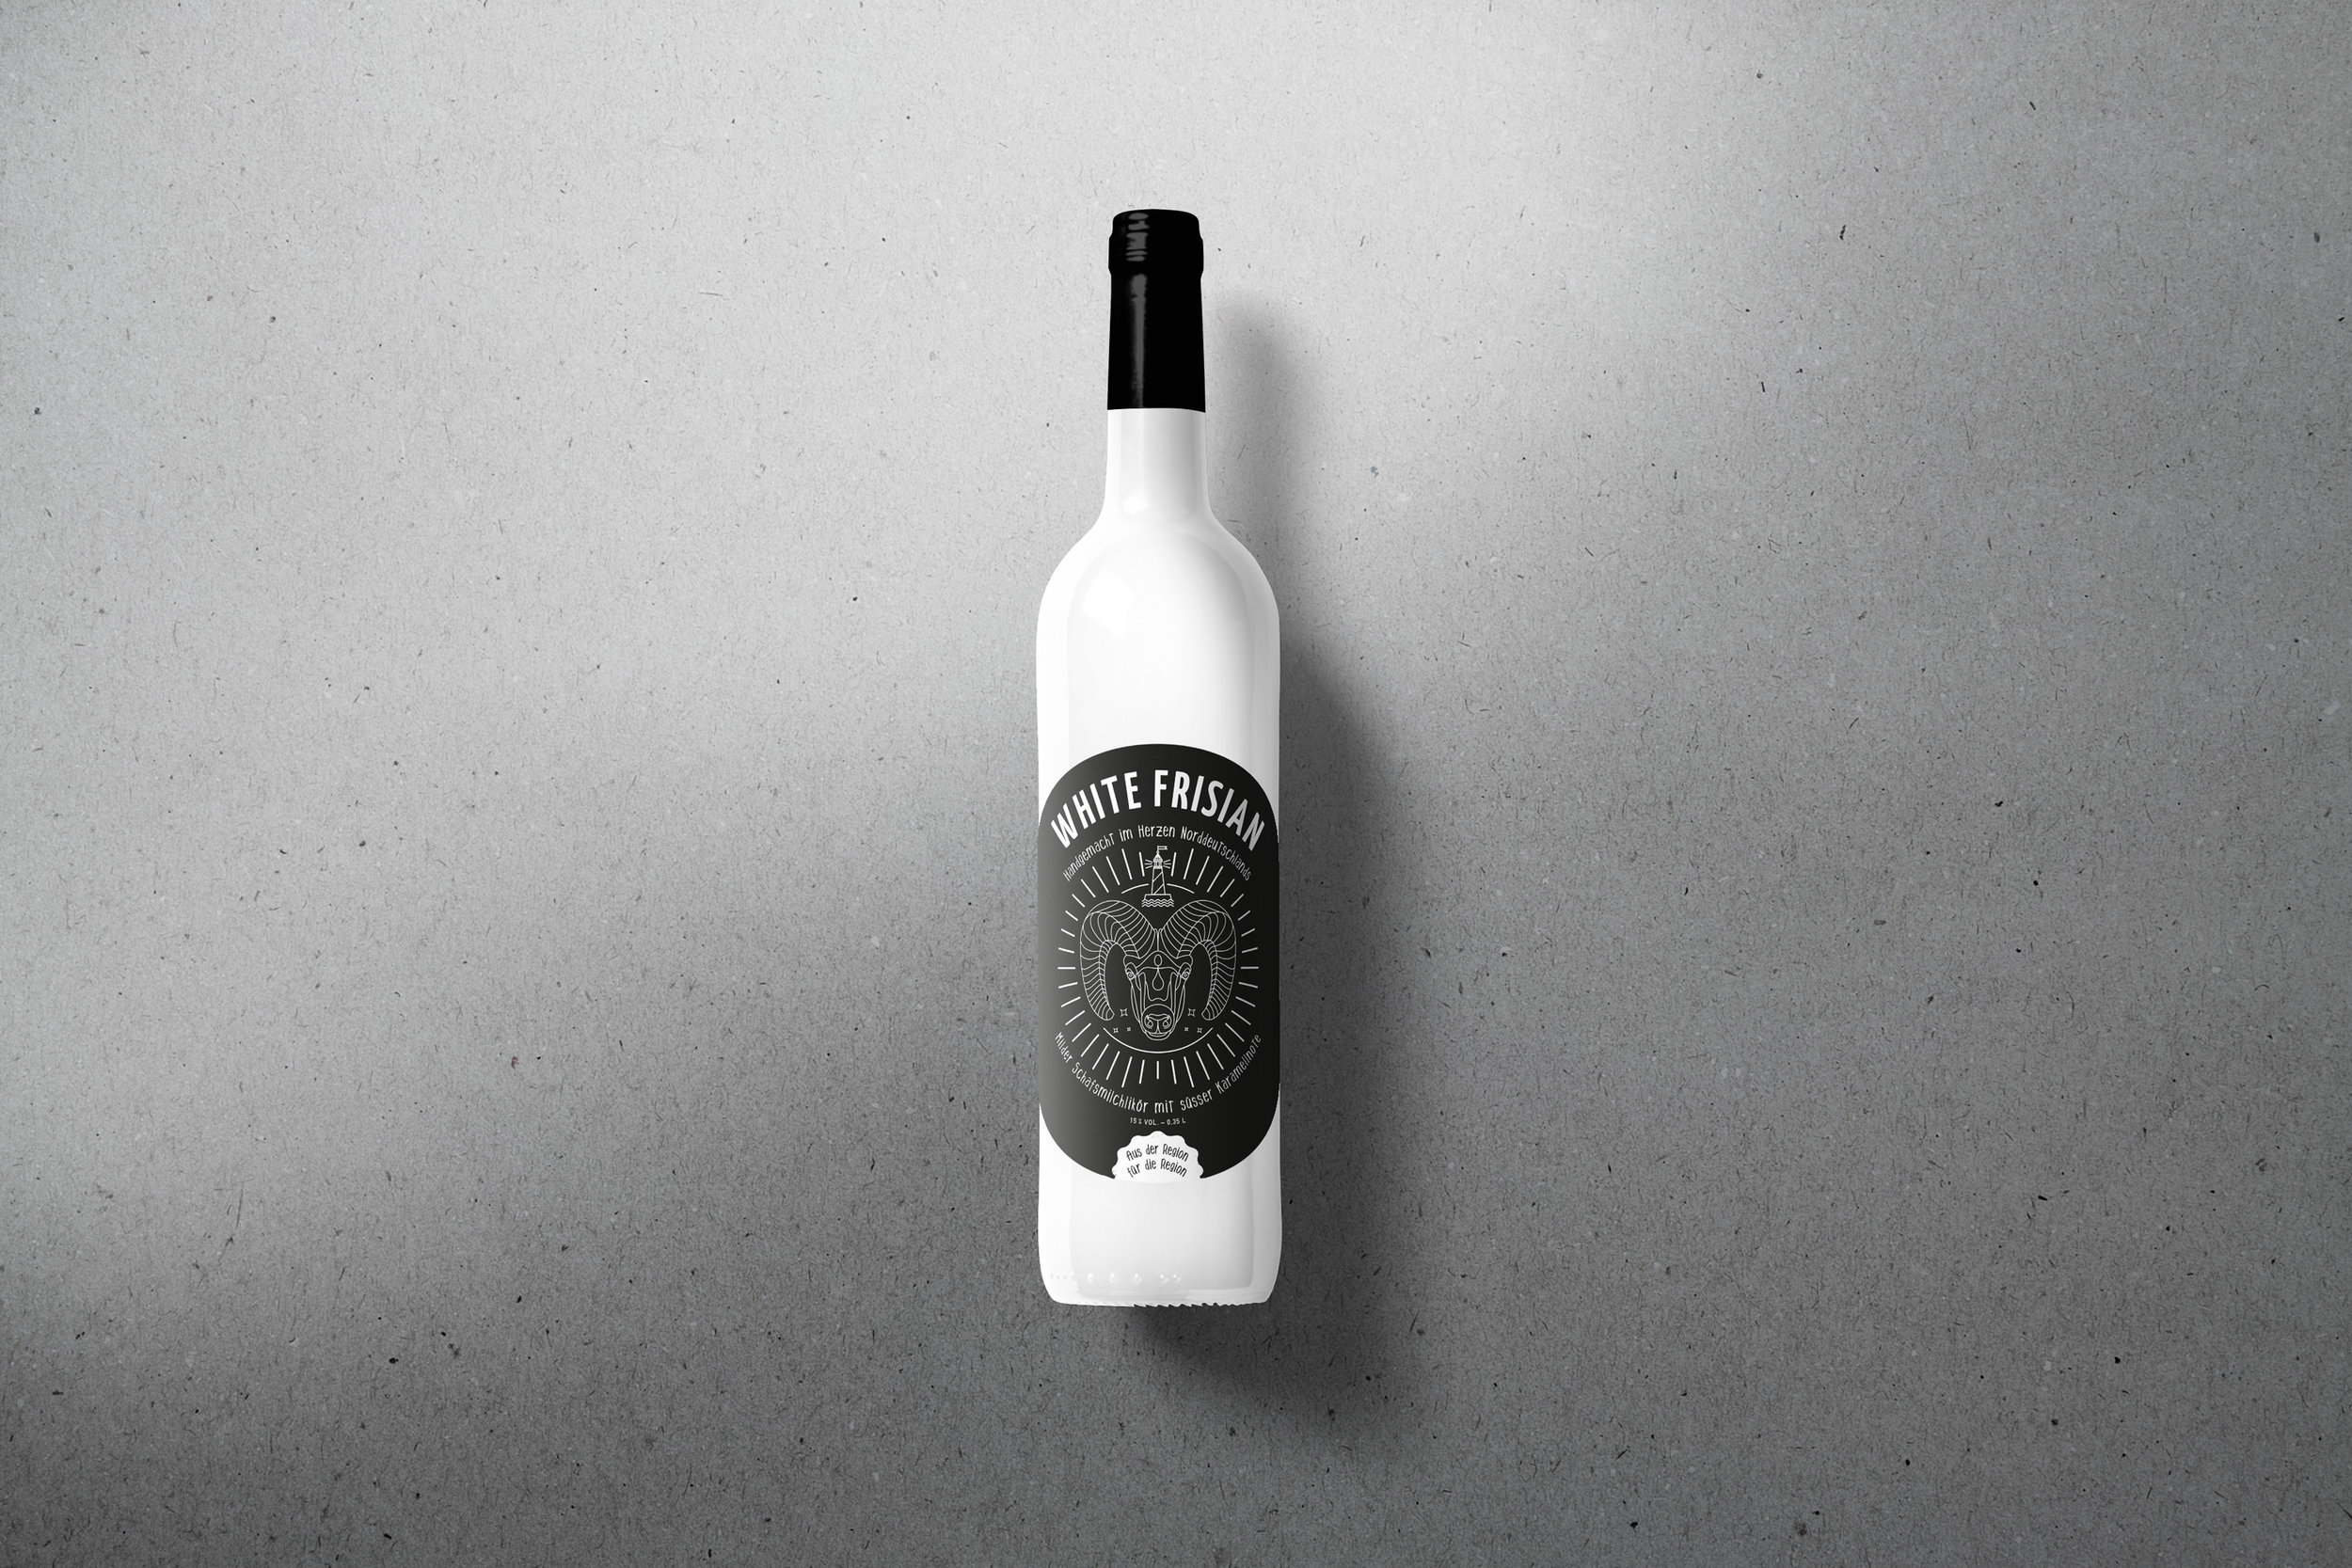 WhiteFrisian_Bottle.jpg